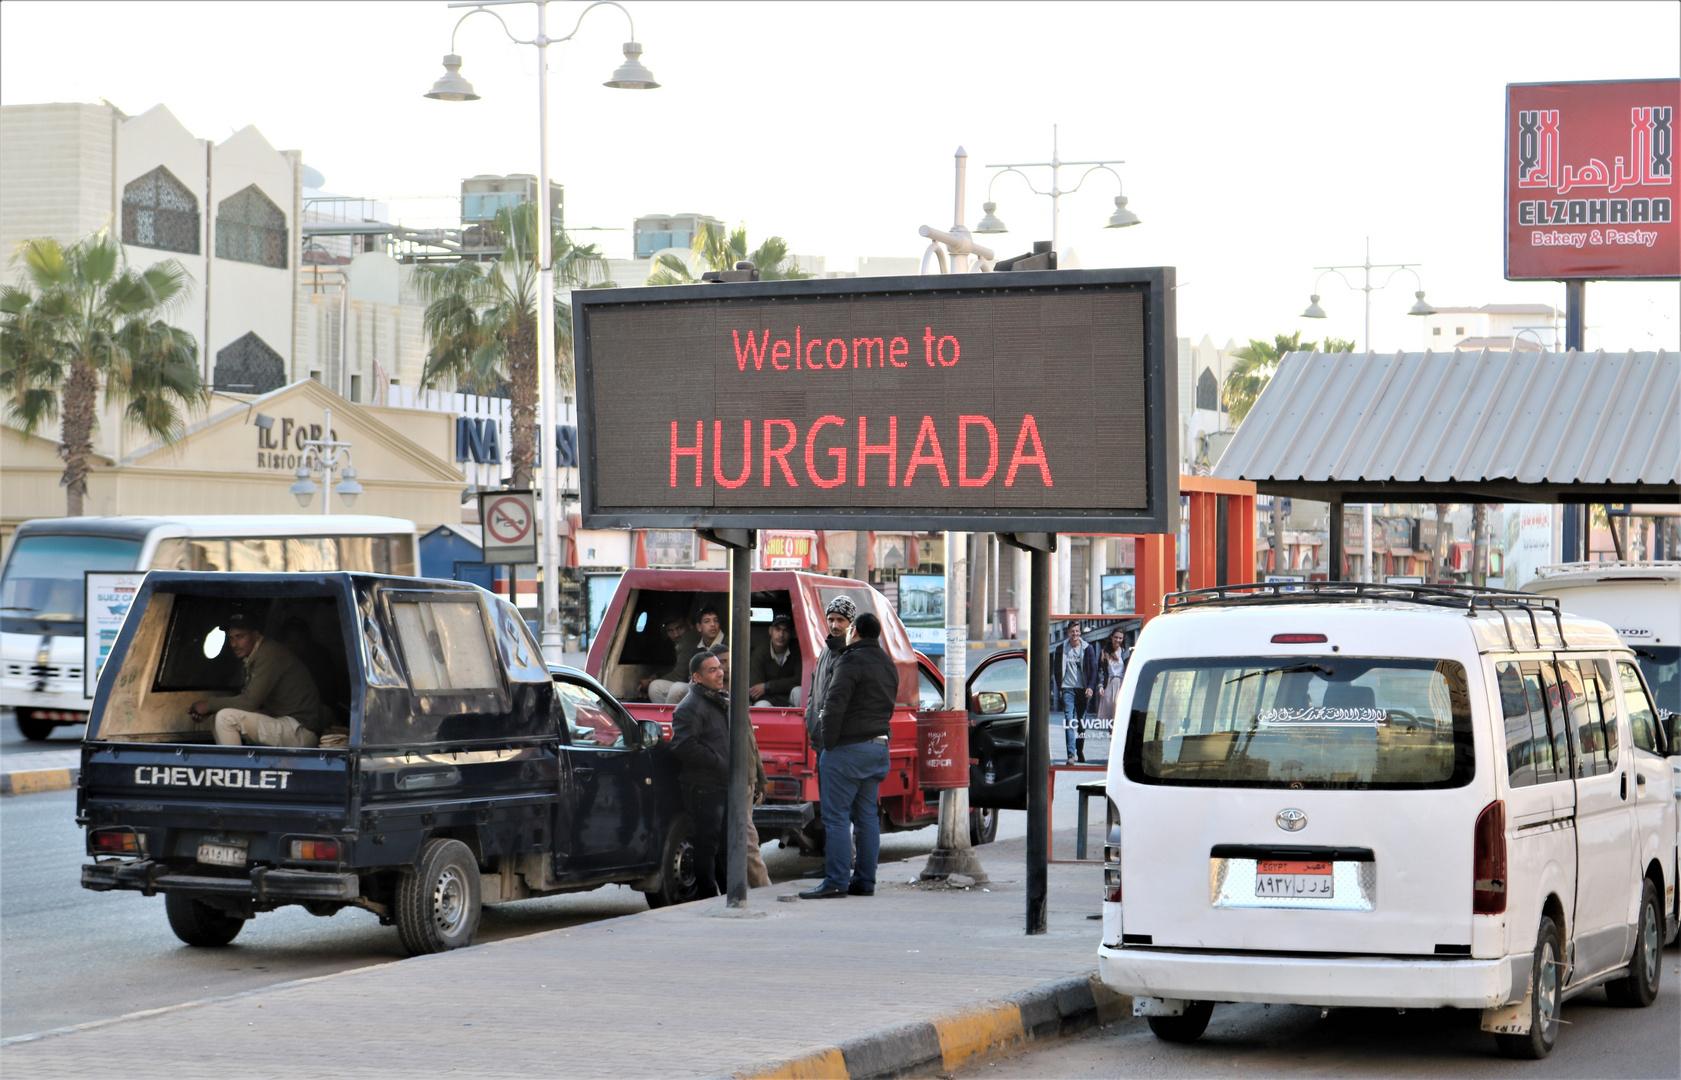 WELCOME to HURGADA